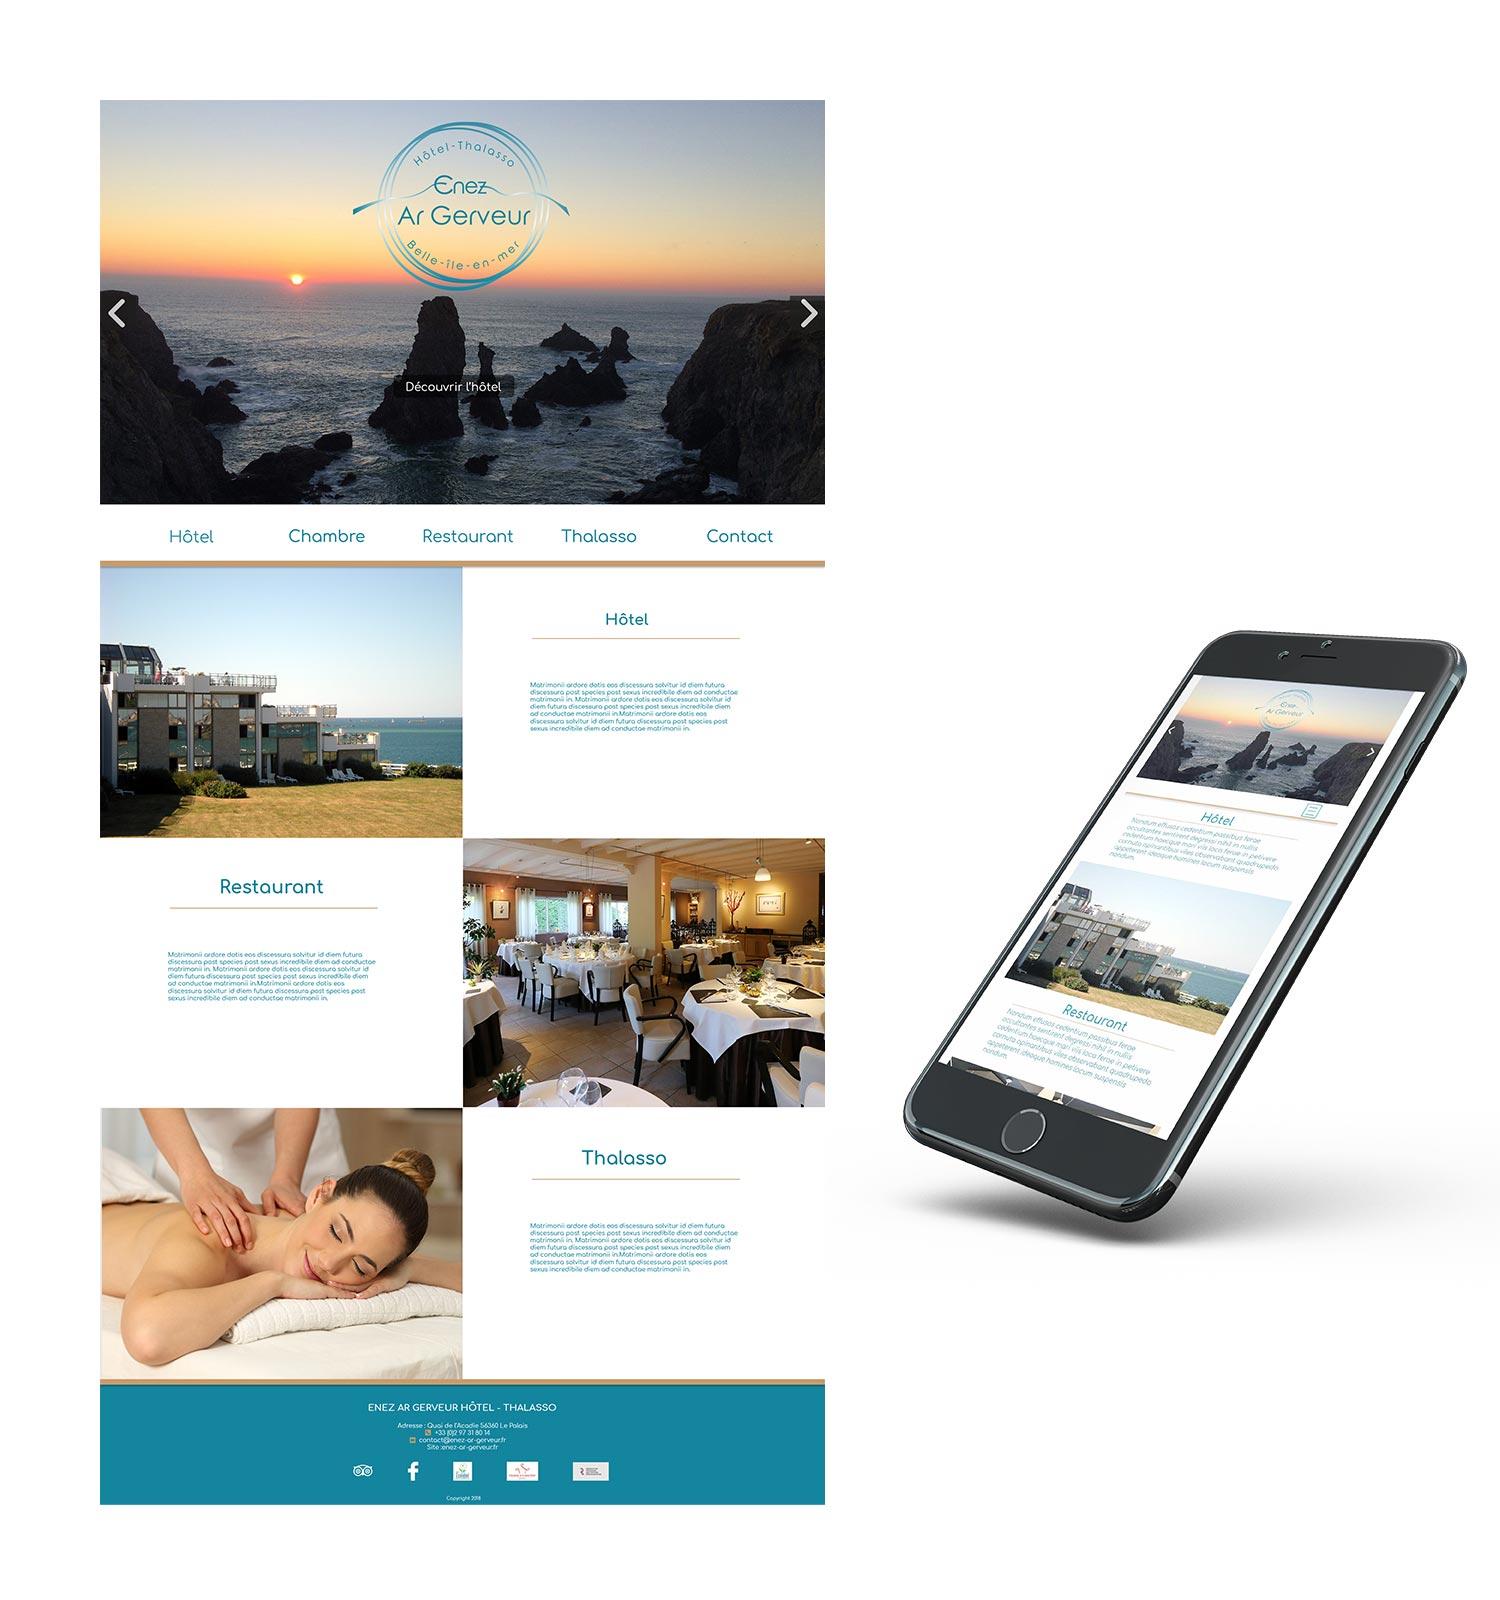 Enez Ar Gerveur page accueil webdesign